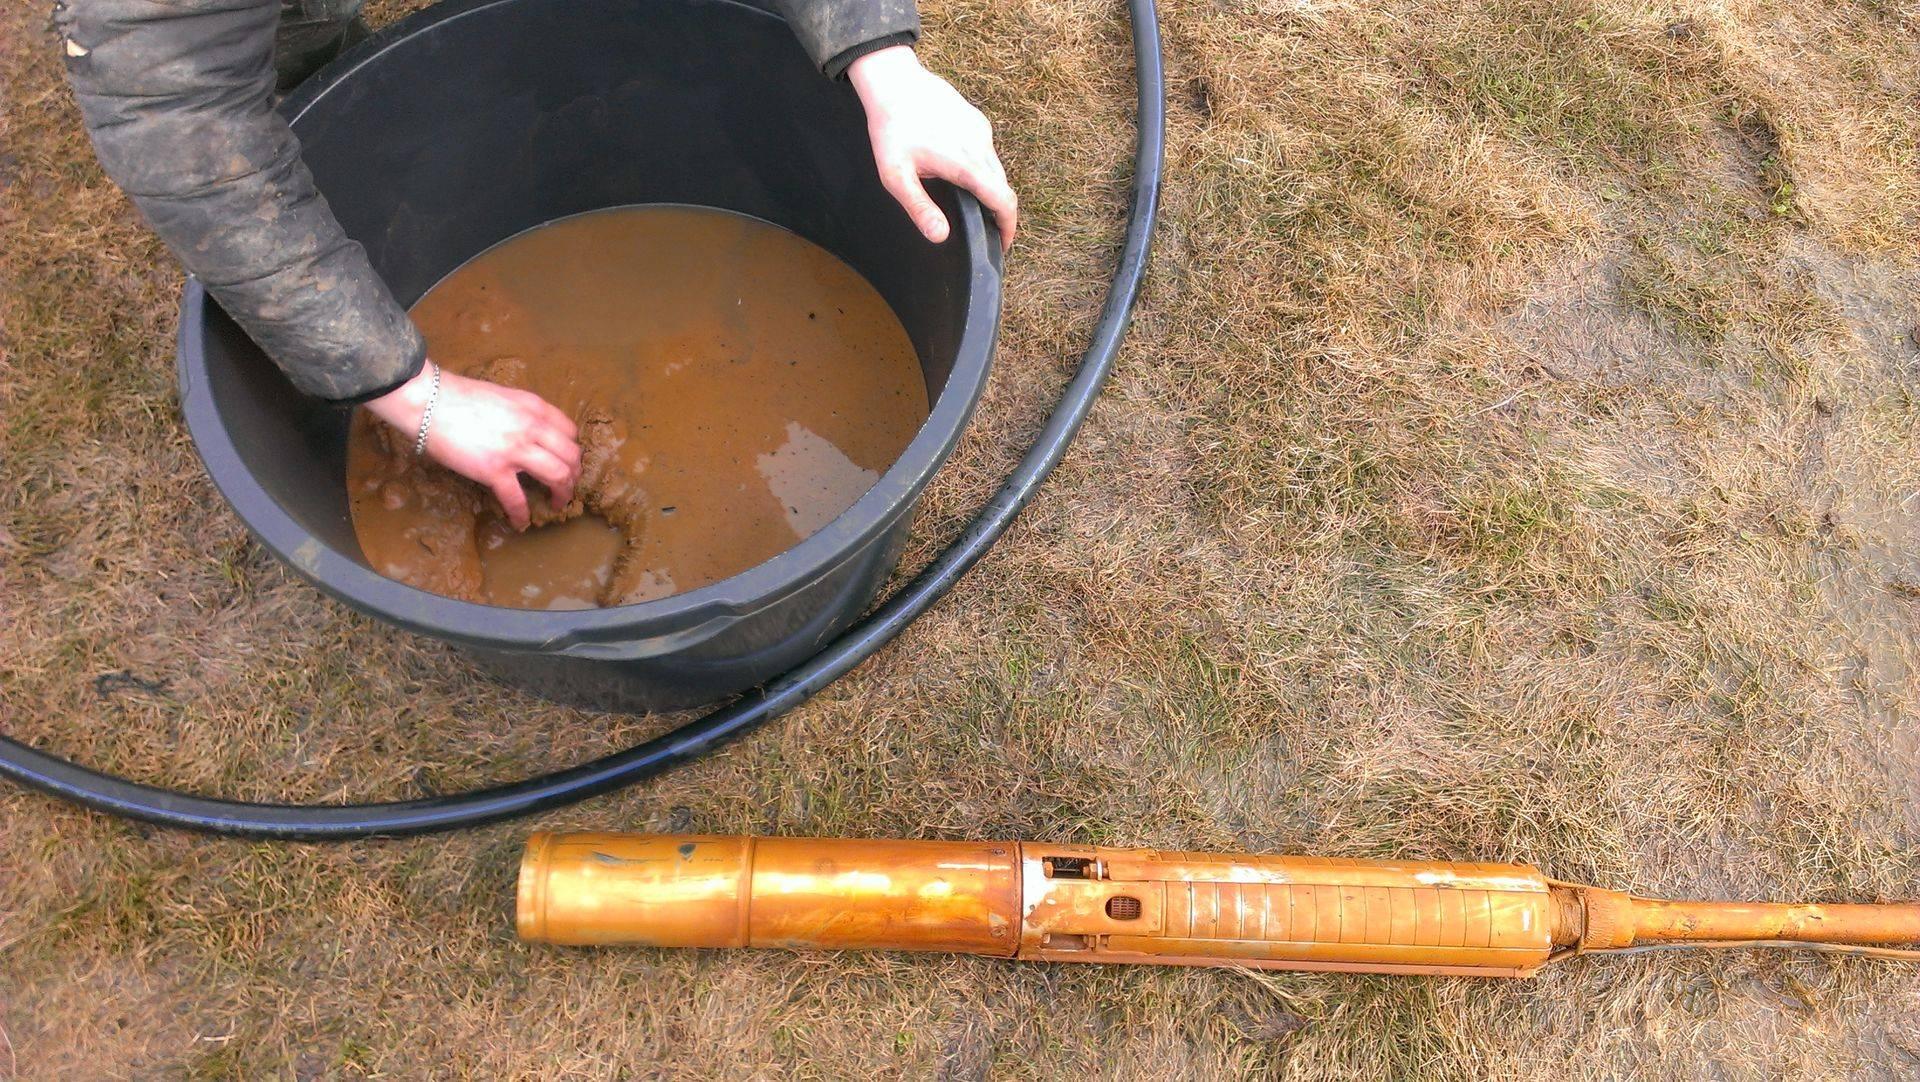 Как почистить скважину: технология чистки желонкой, насосом, эрлифтом или химическихи средствами